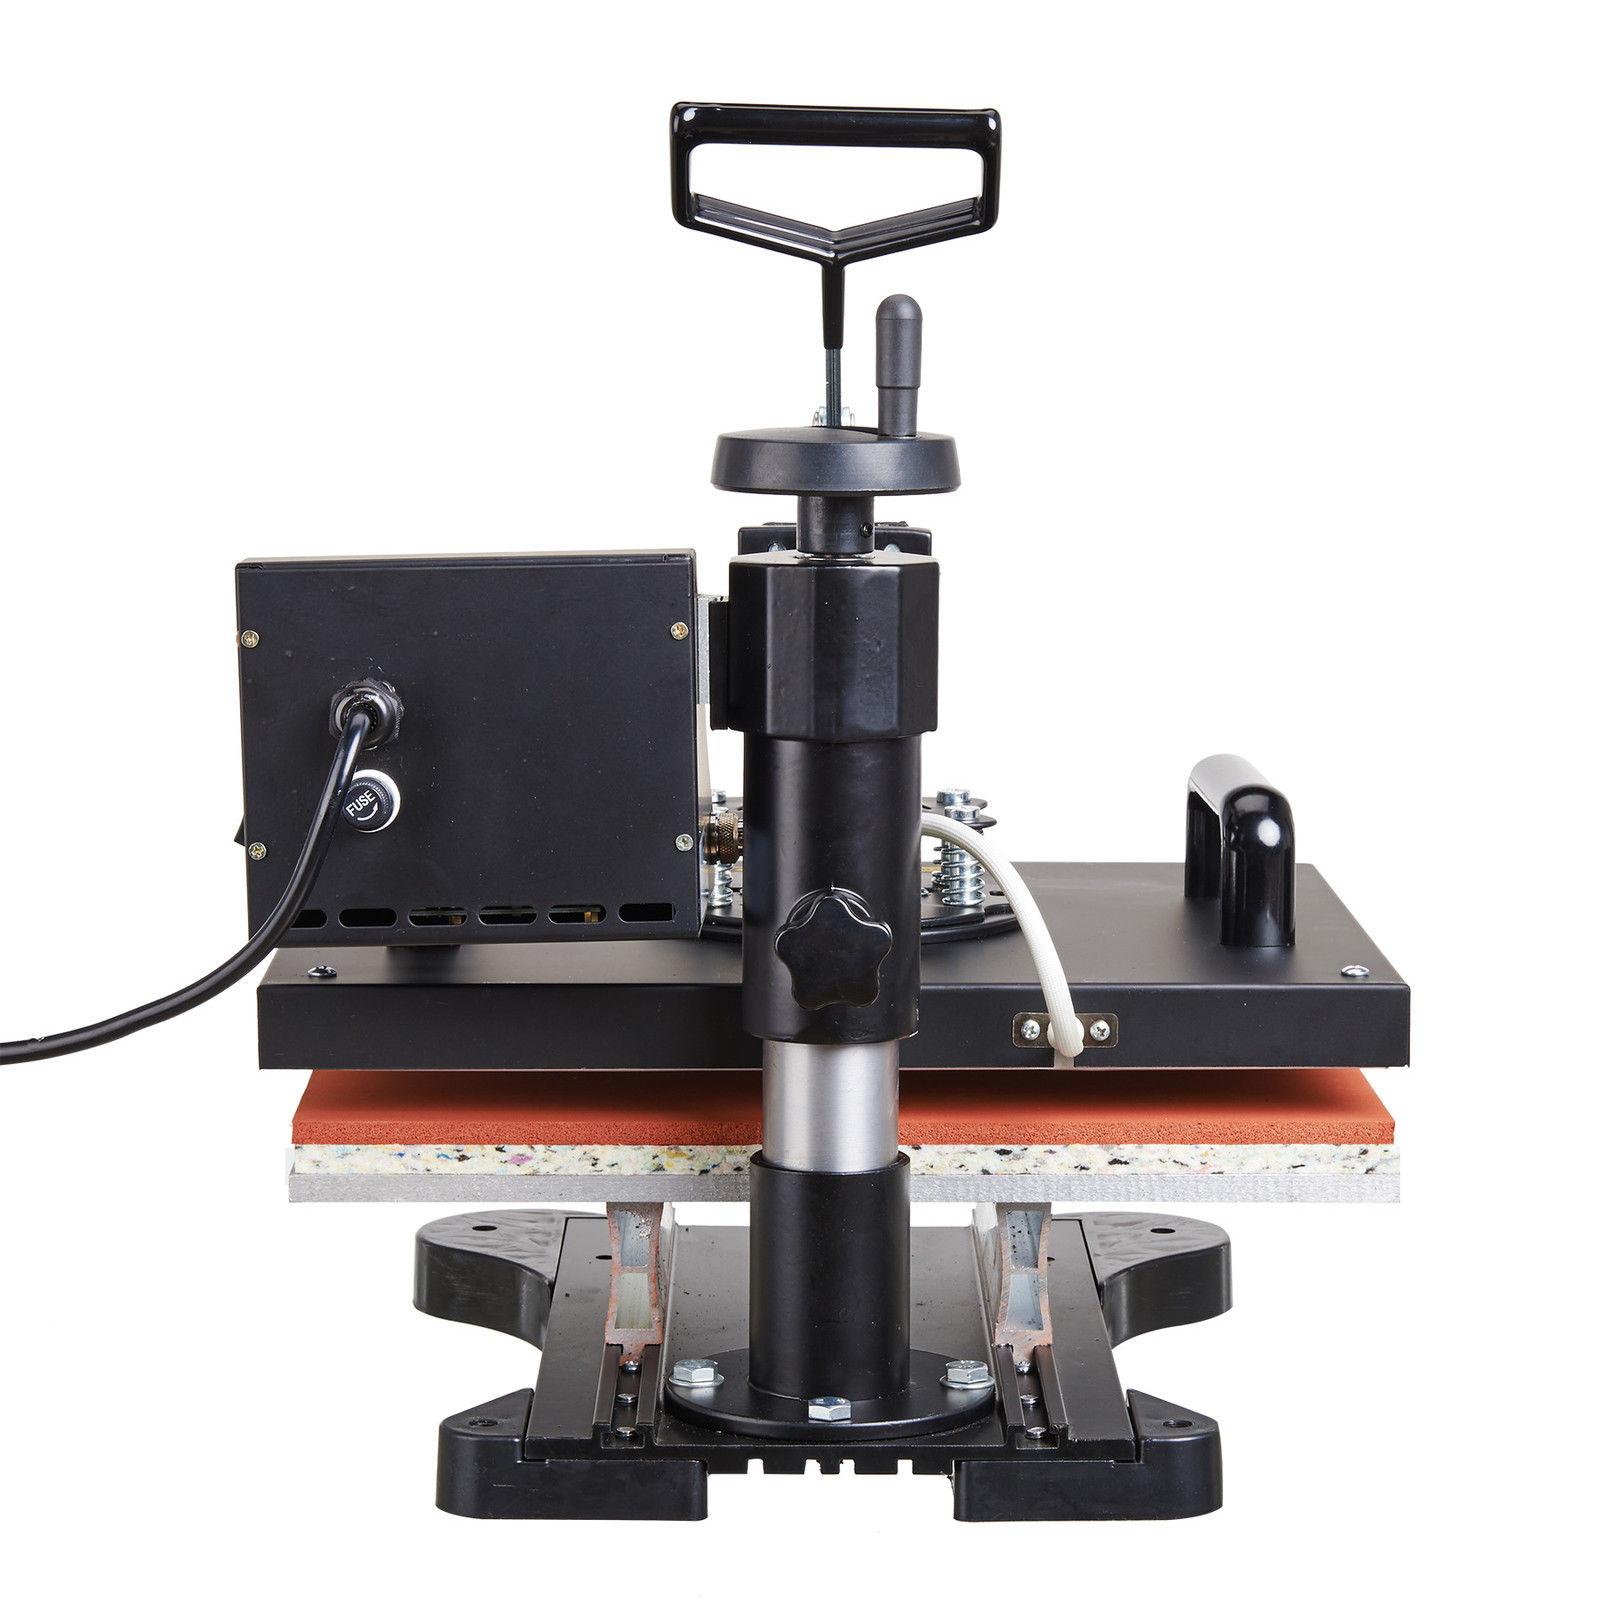 6 in 1 heat press machine